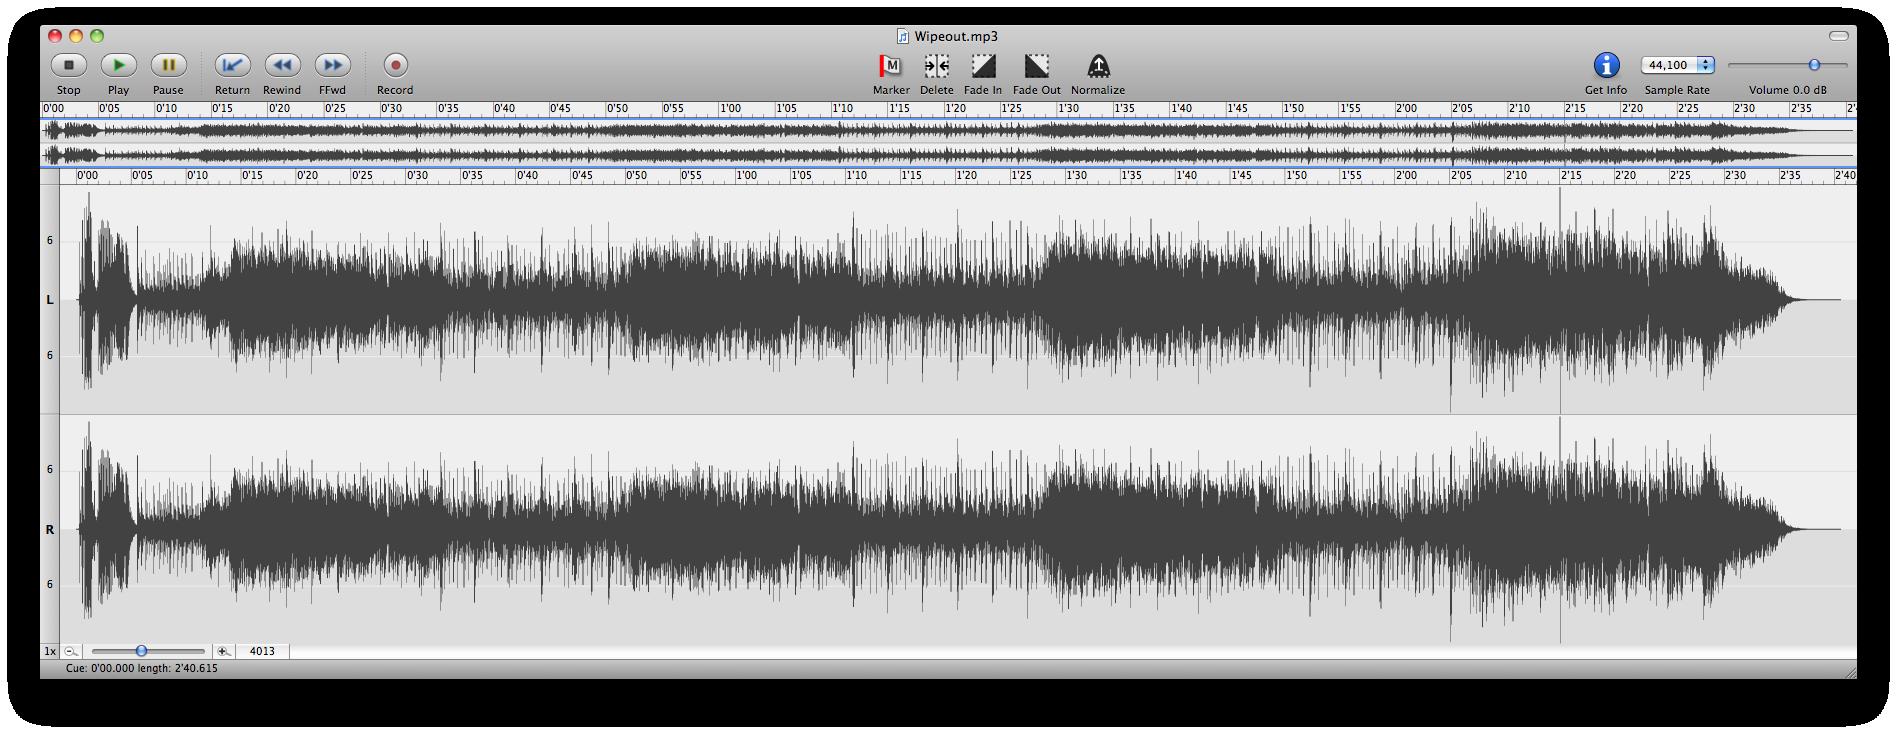 Wipeout Sound File Waveform